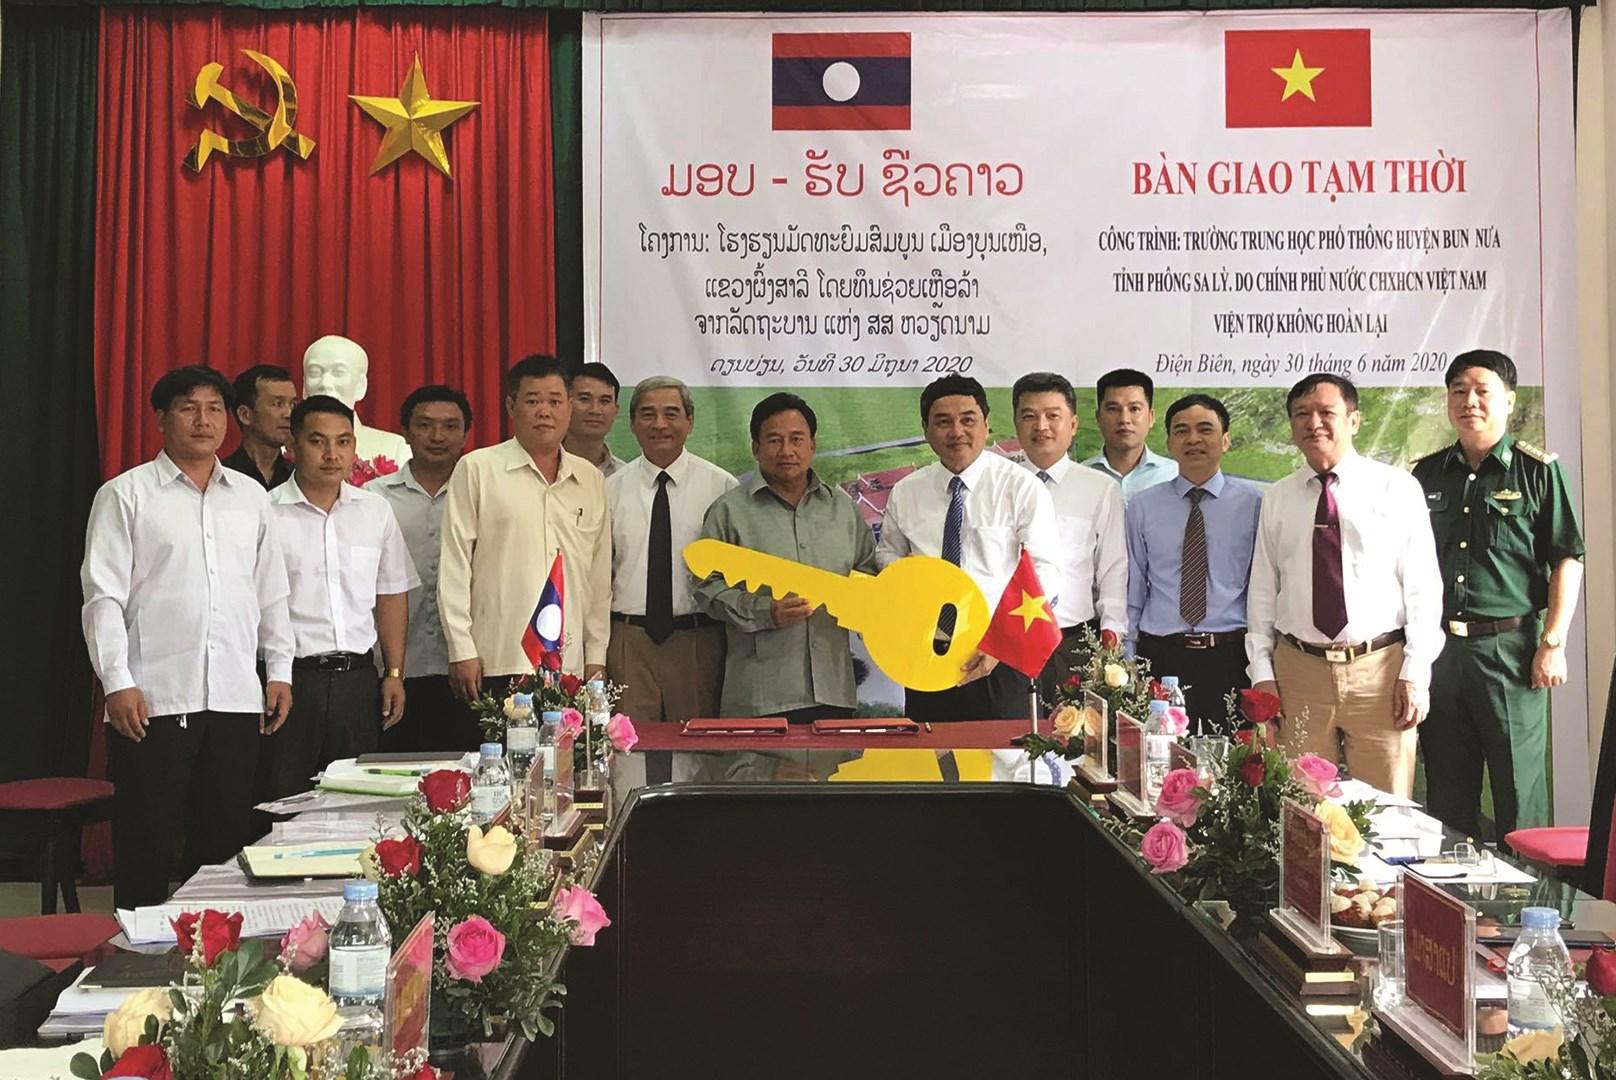 Đại diện lãnh đạo 2 tỉnh Điện Biên – Phông Sa Lỳ trong Lễ bàn giao Trường THPT huyện Bun Nưa